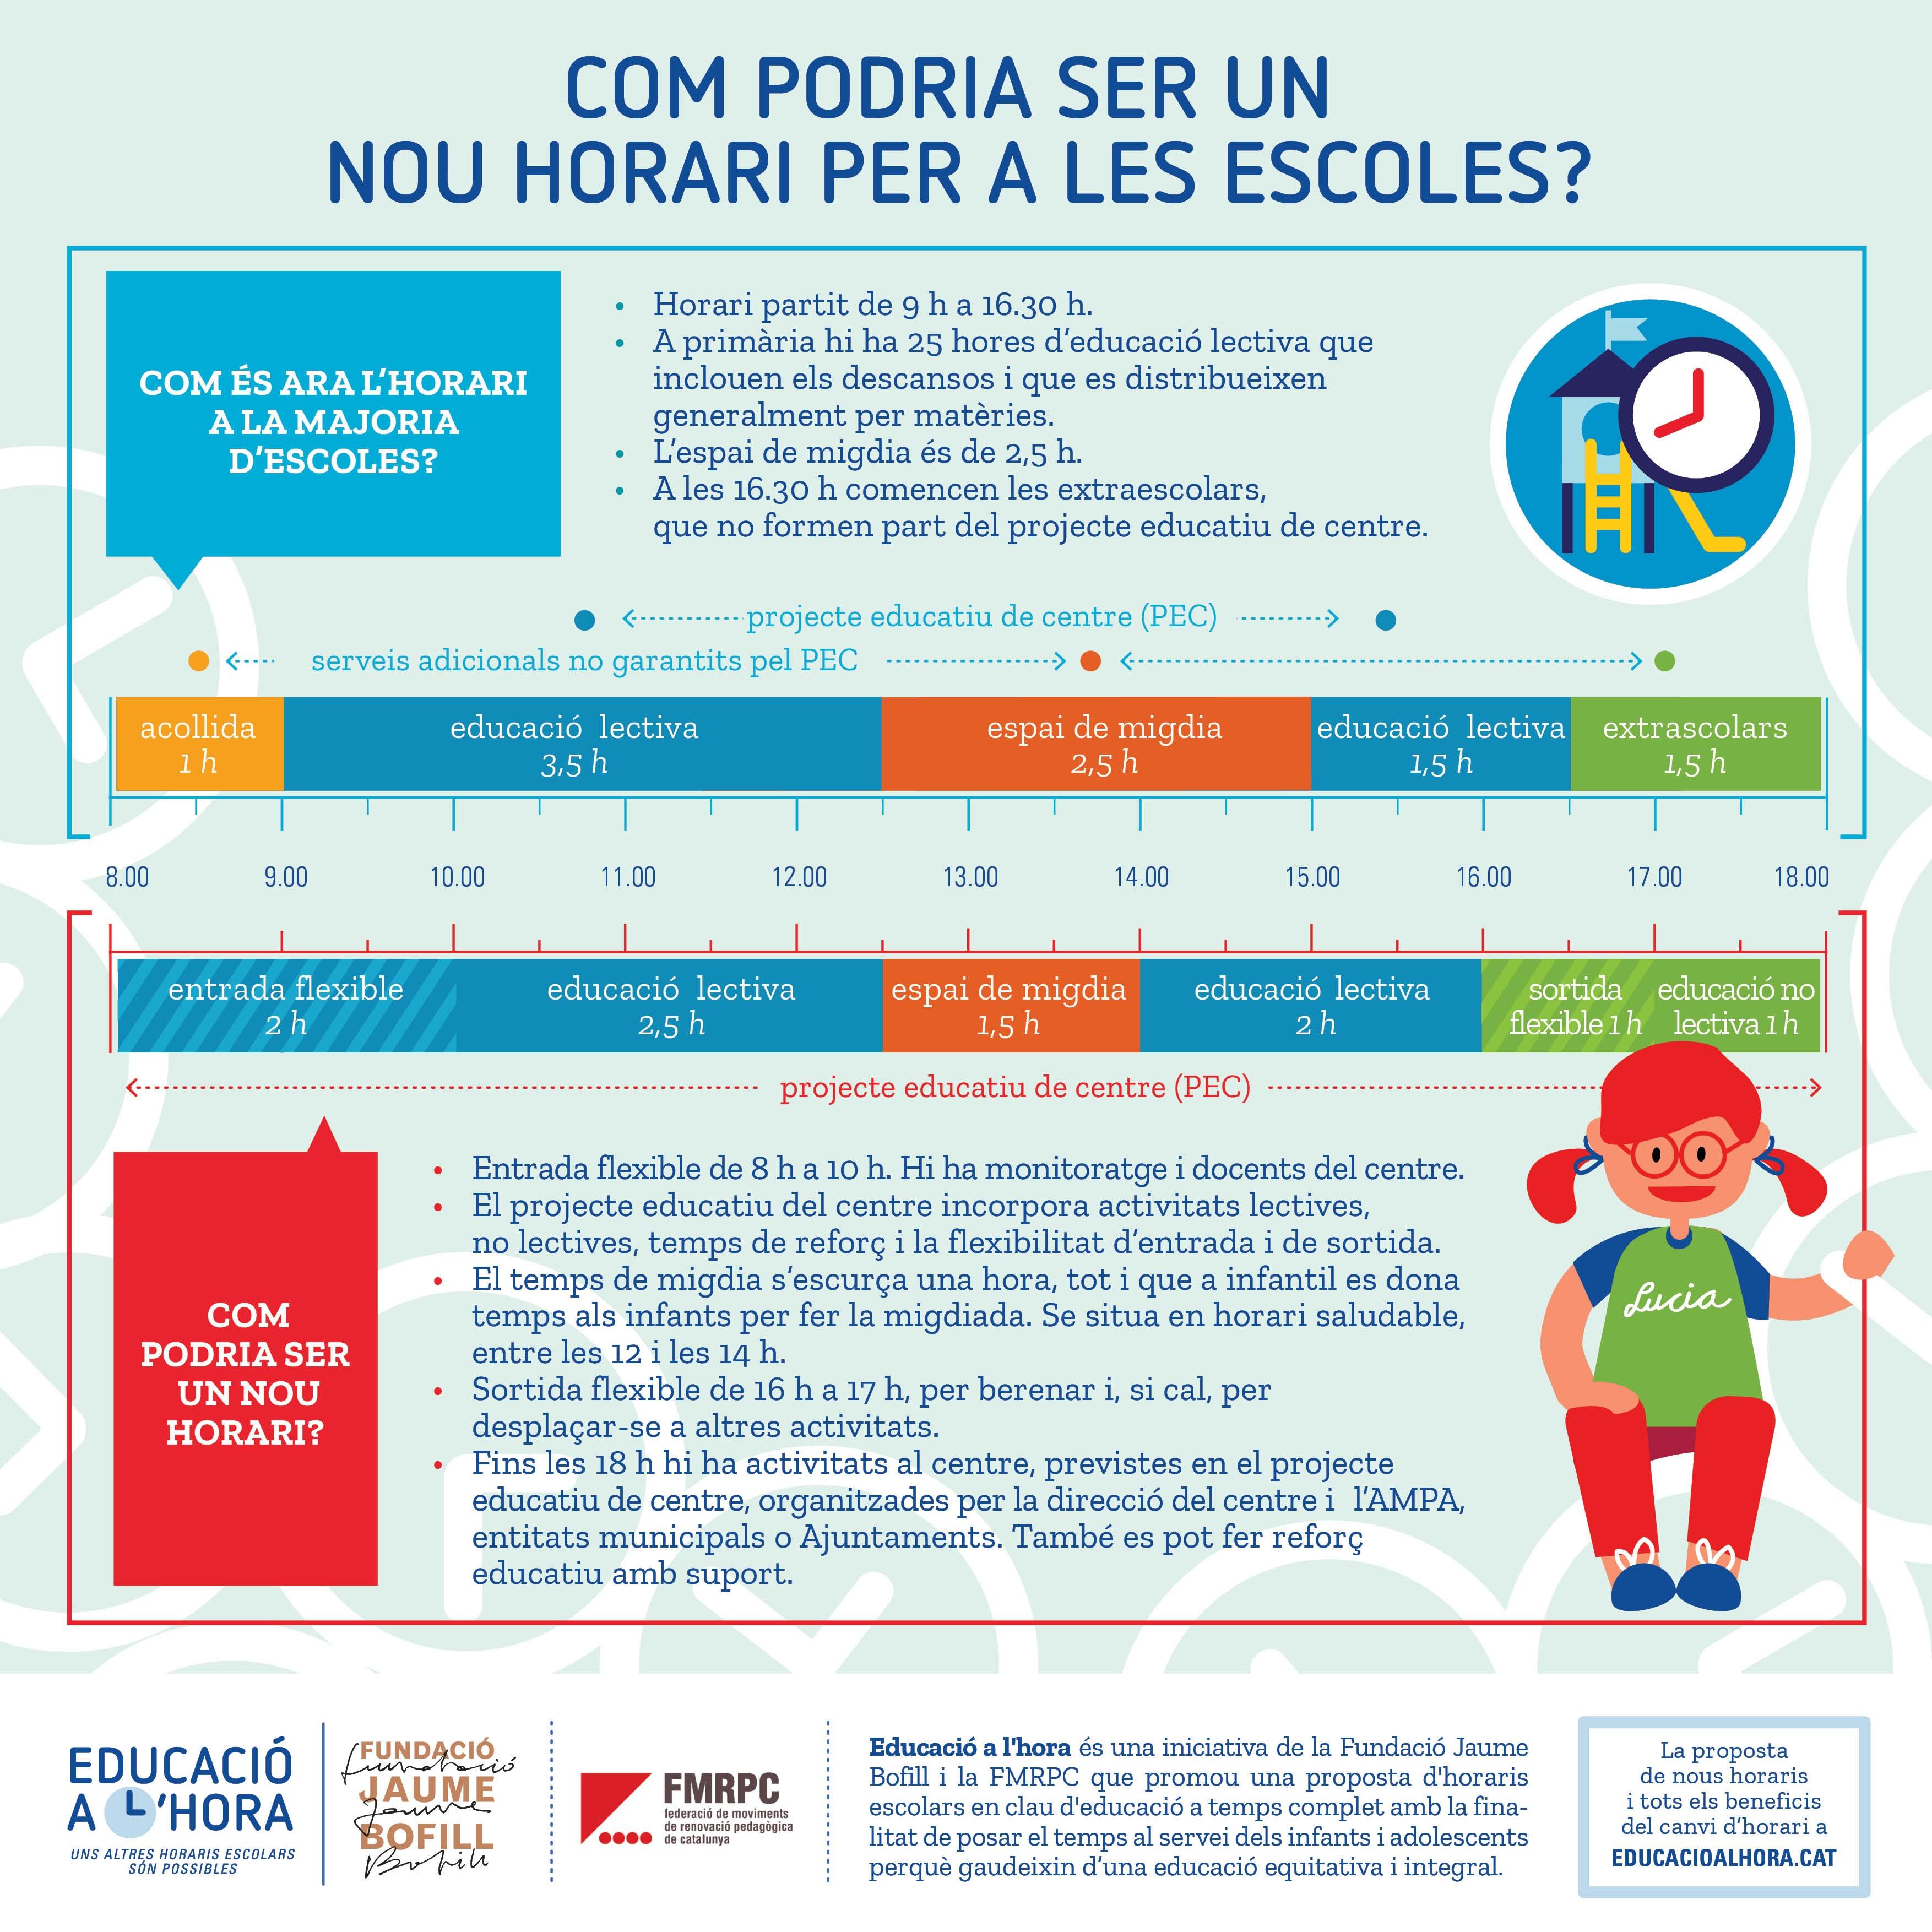 nou-horari-escoles091019_0.jpg